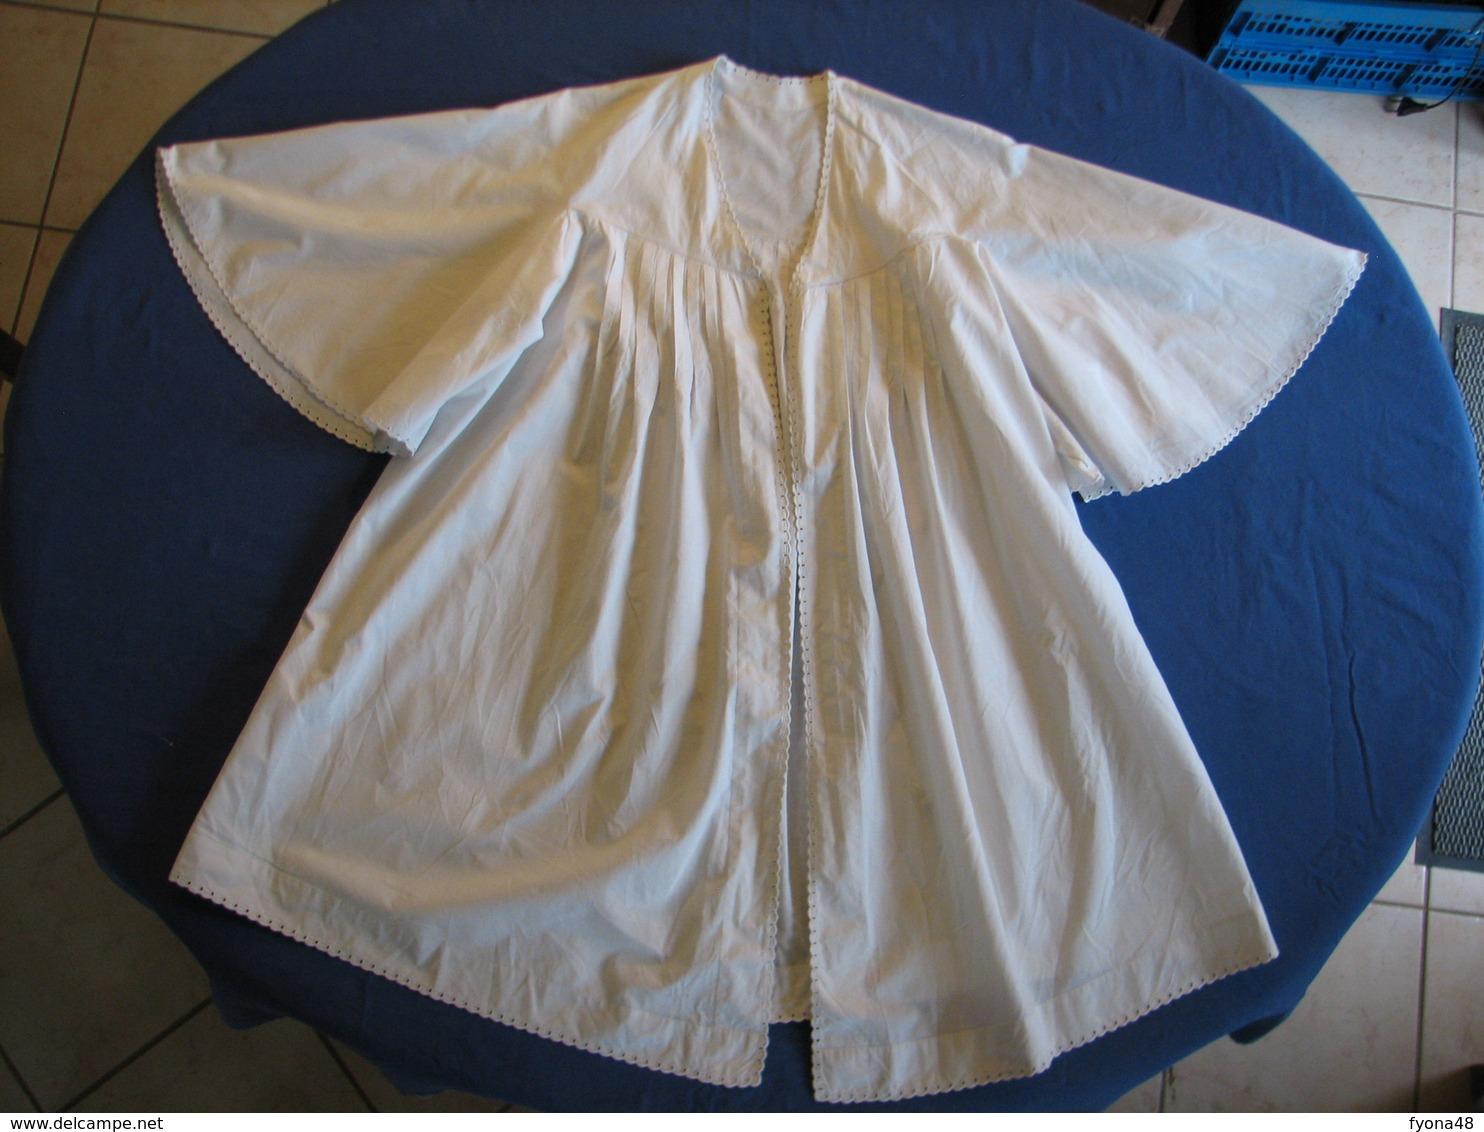 43 - Chemise En Coton Fin Ou Lin Monogrammé MS - 1900-1940